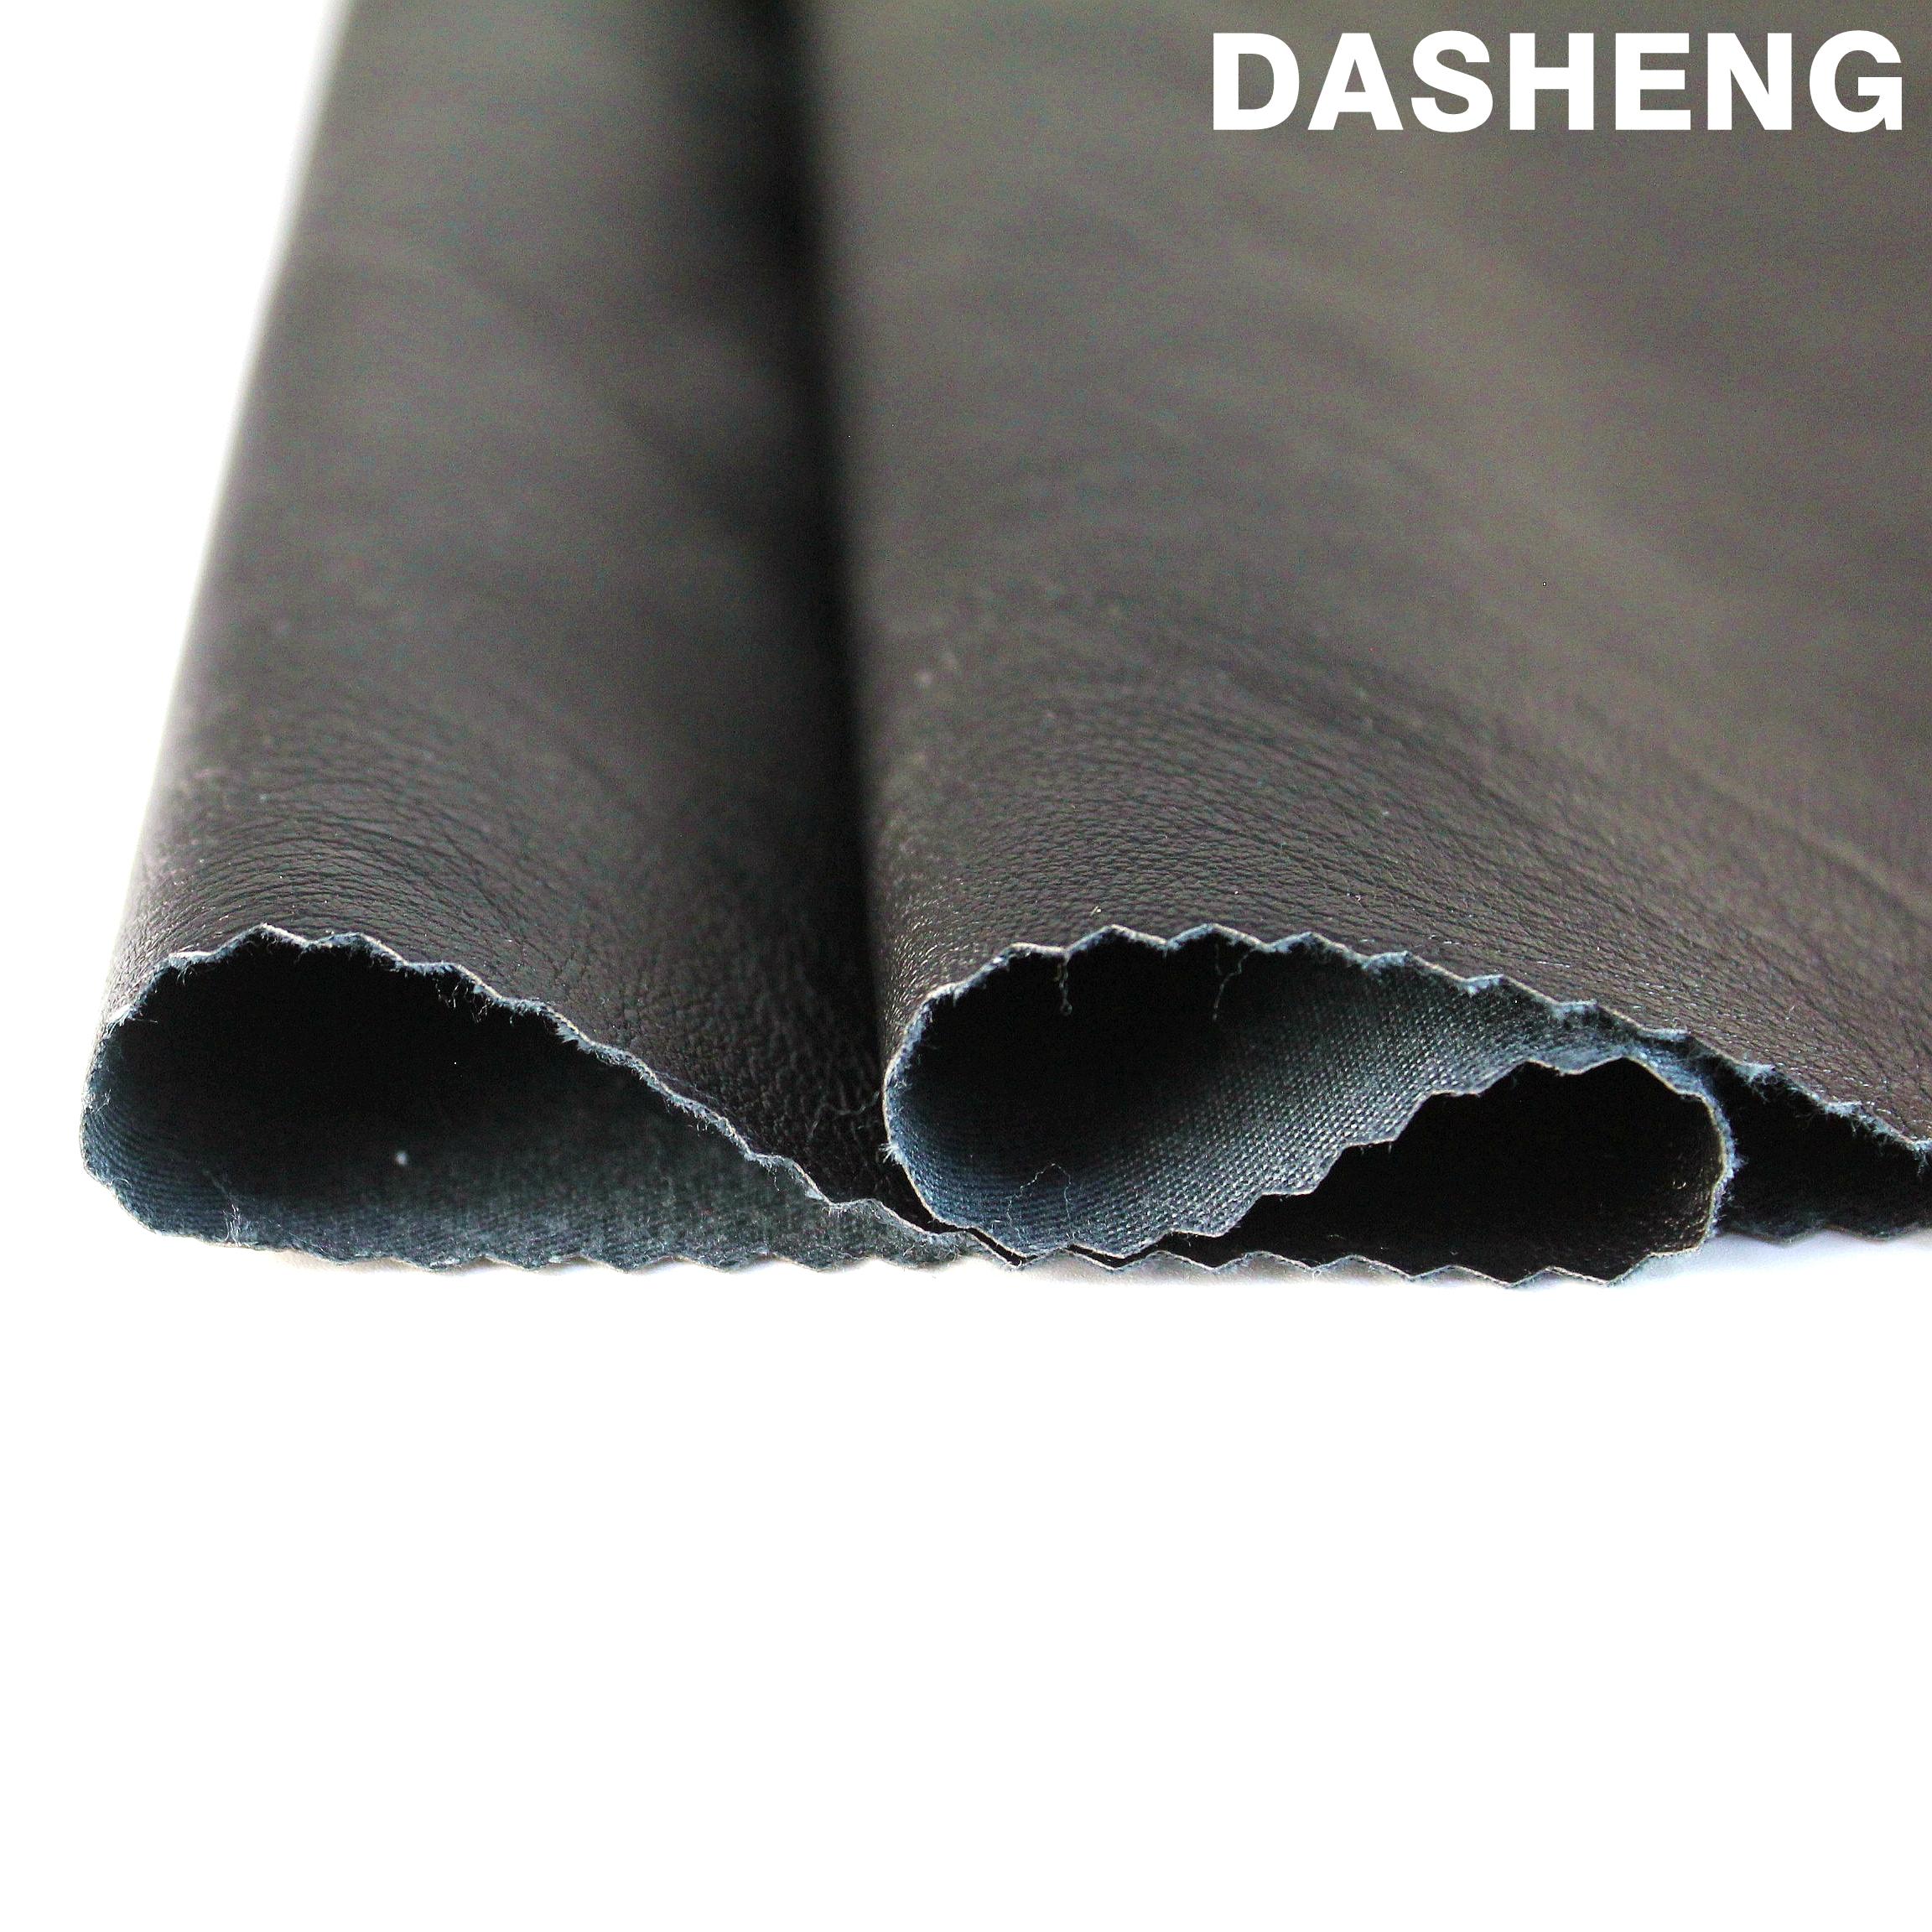 Оптовая продажа от производителя, Лидер продаж, «верный» из искусственной кожи с основанием из вискозной ткани для платьев/курток/юбок